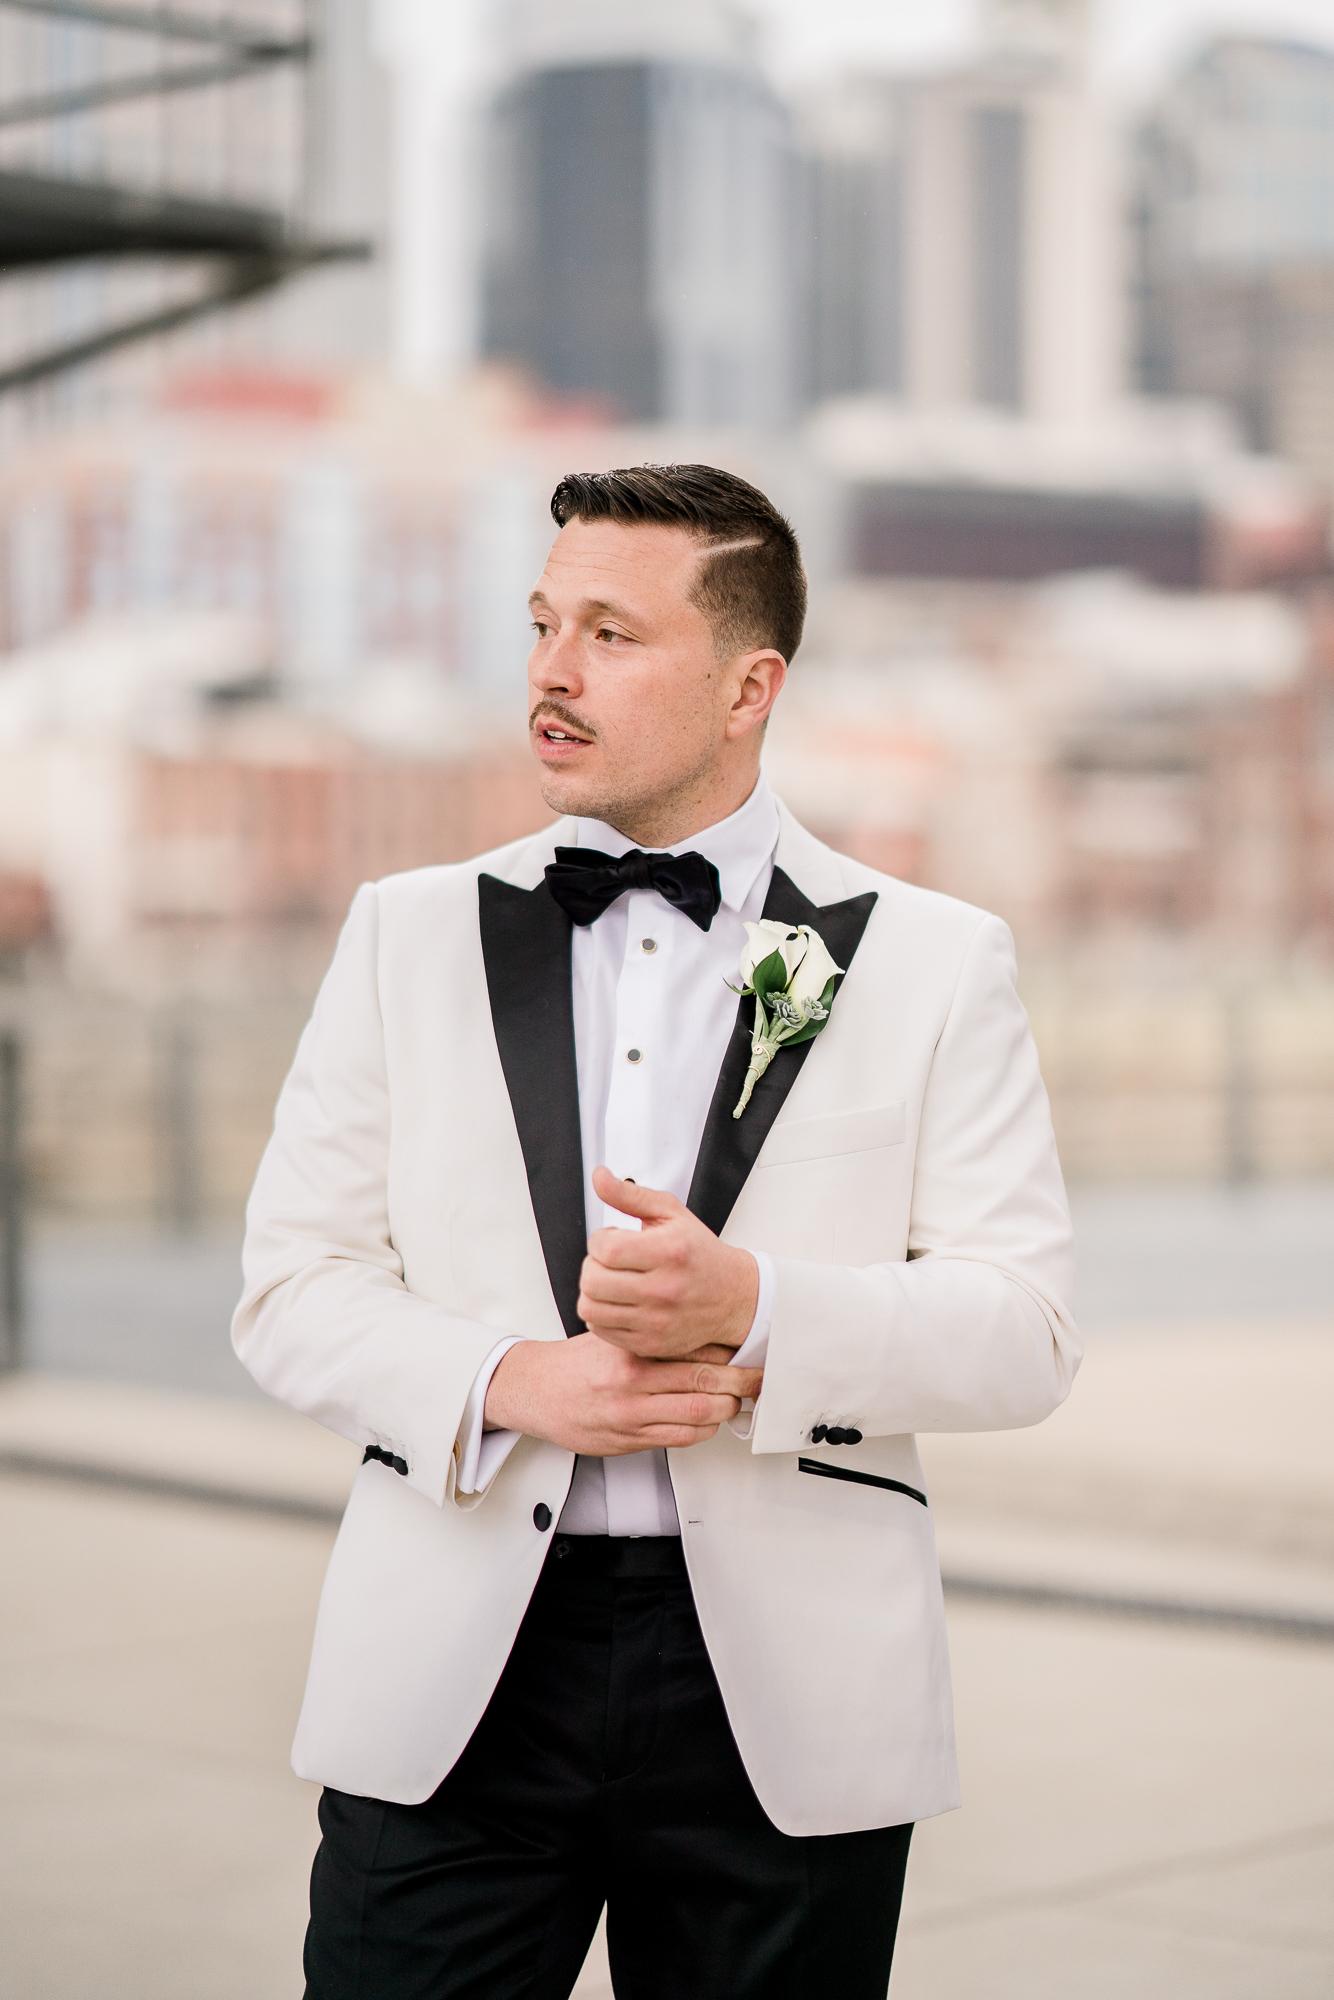 White Wedding Tuxedo Jacket | Nashville Bride Guide